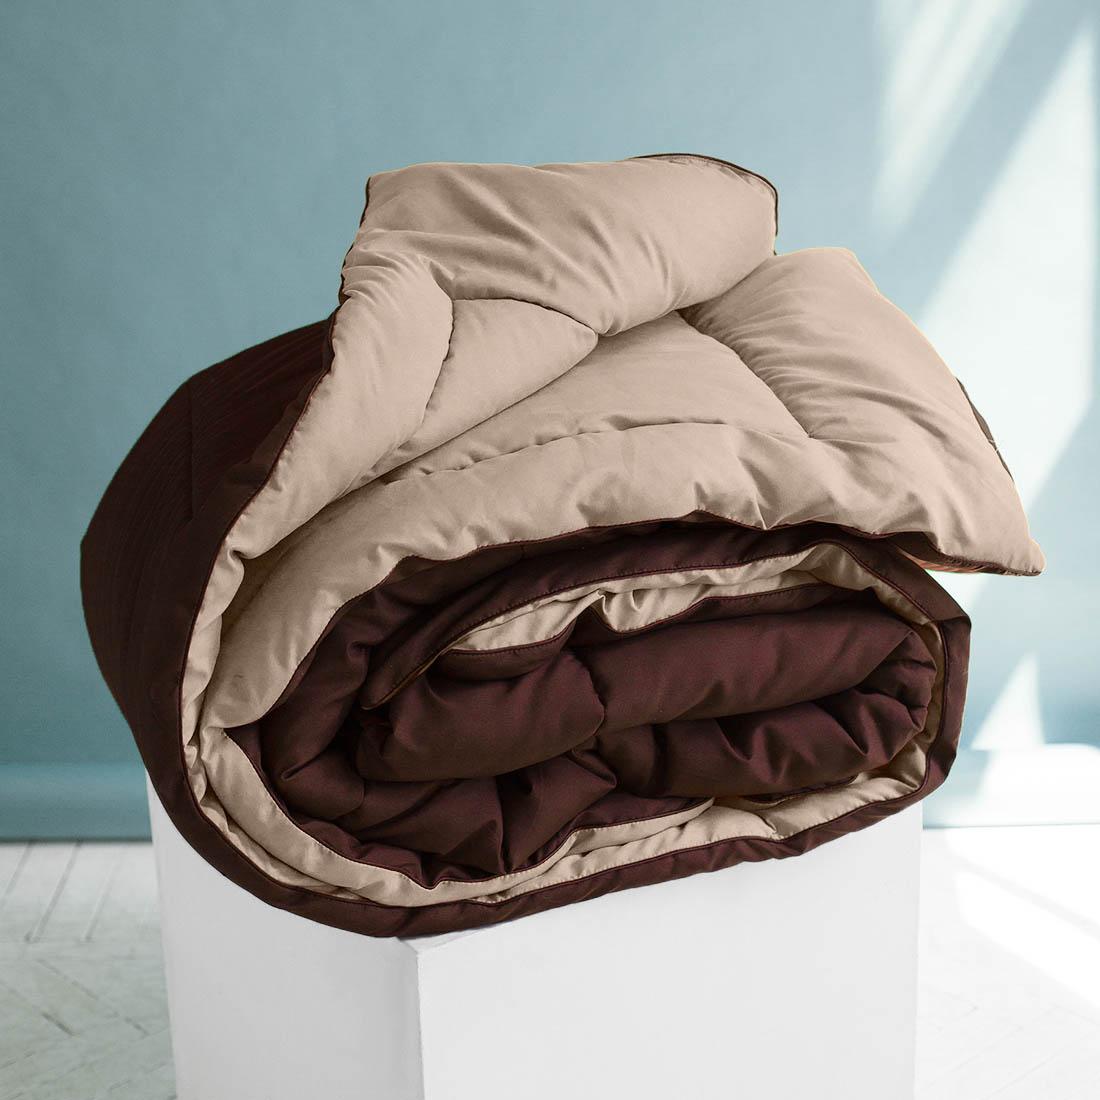 Одеяло Sleep iX, наполнитель: силиконизированное волокно, цвет: бежевый, коричневый, 155 х 215 см. pva319981pva319981Одеяло «Sleep iX» изготовлено из силиконизированного волокна, полученного из тонких волокон полиэфира, обработанных силиконом. Наполнитель отлично держит форму, не сбиваясь в комки. На ощупь он похож на пух, поэтому производители часто называют его искусственным пухом. Такое одеяло подойдёт людям, страдающим аллергией, так как не впитывает запахи и отталкивает пыль. Кроме того, особая технология производства позволяет не использовать пододеяльник.Материал чехла MicroSkin - это гладкая и шелковистая ткань с легким блеском, по своему виду не уступающая натуральному хлопку. Кант делают из атласа или вискозы, он помогает изделию держать форму в течение многих лет. Кант есть на многих объемных изделиях из текстиля, иногда его могут дополнительно прострочить по периметру или сделать широким.Такое одеяло очень хорошо сохраняет тепло, приятно на ощупь, прочно и устойчиво к стирке.